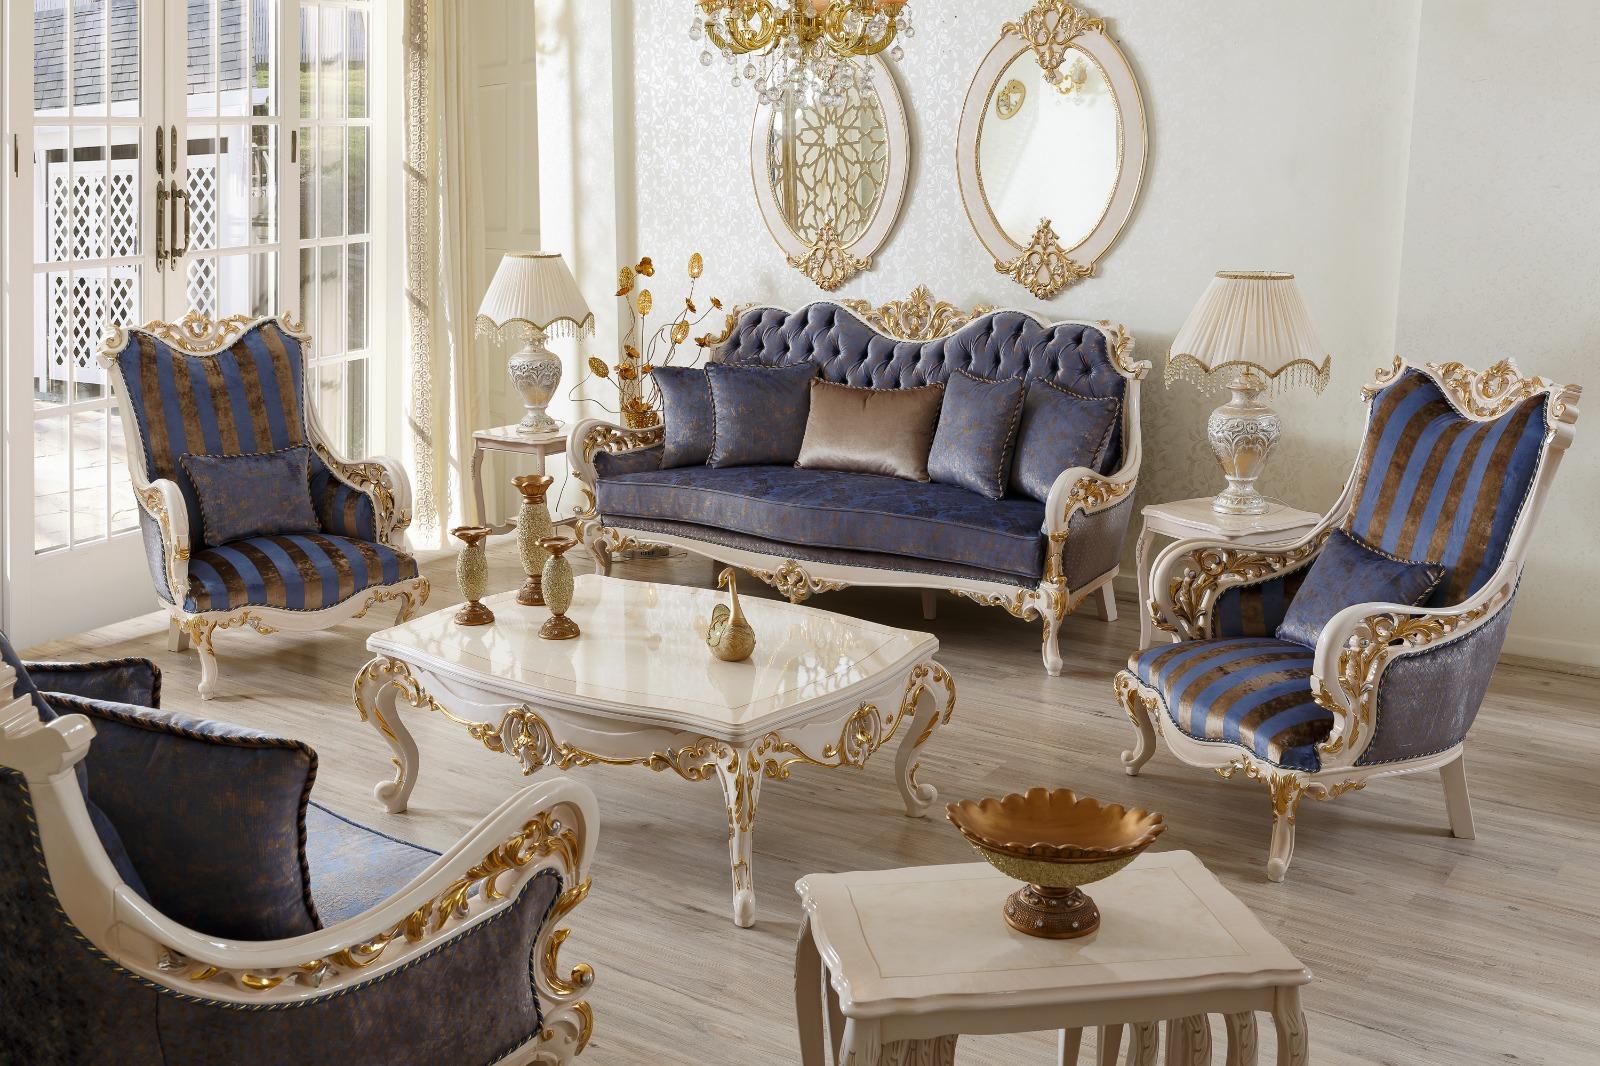 Роскошная гостиная с синими диванами барокко